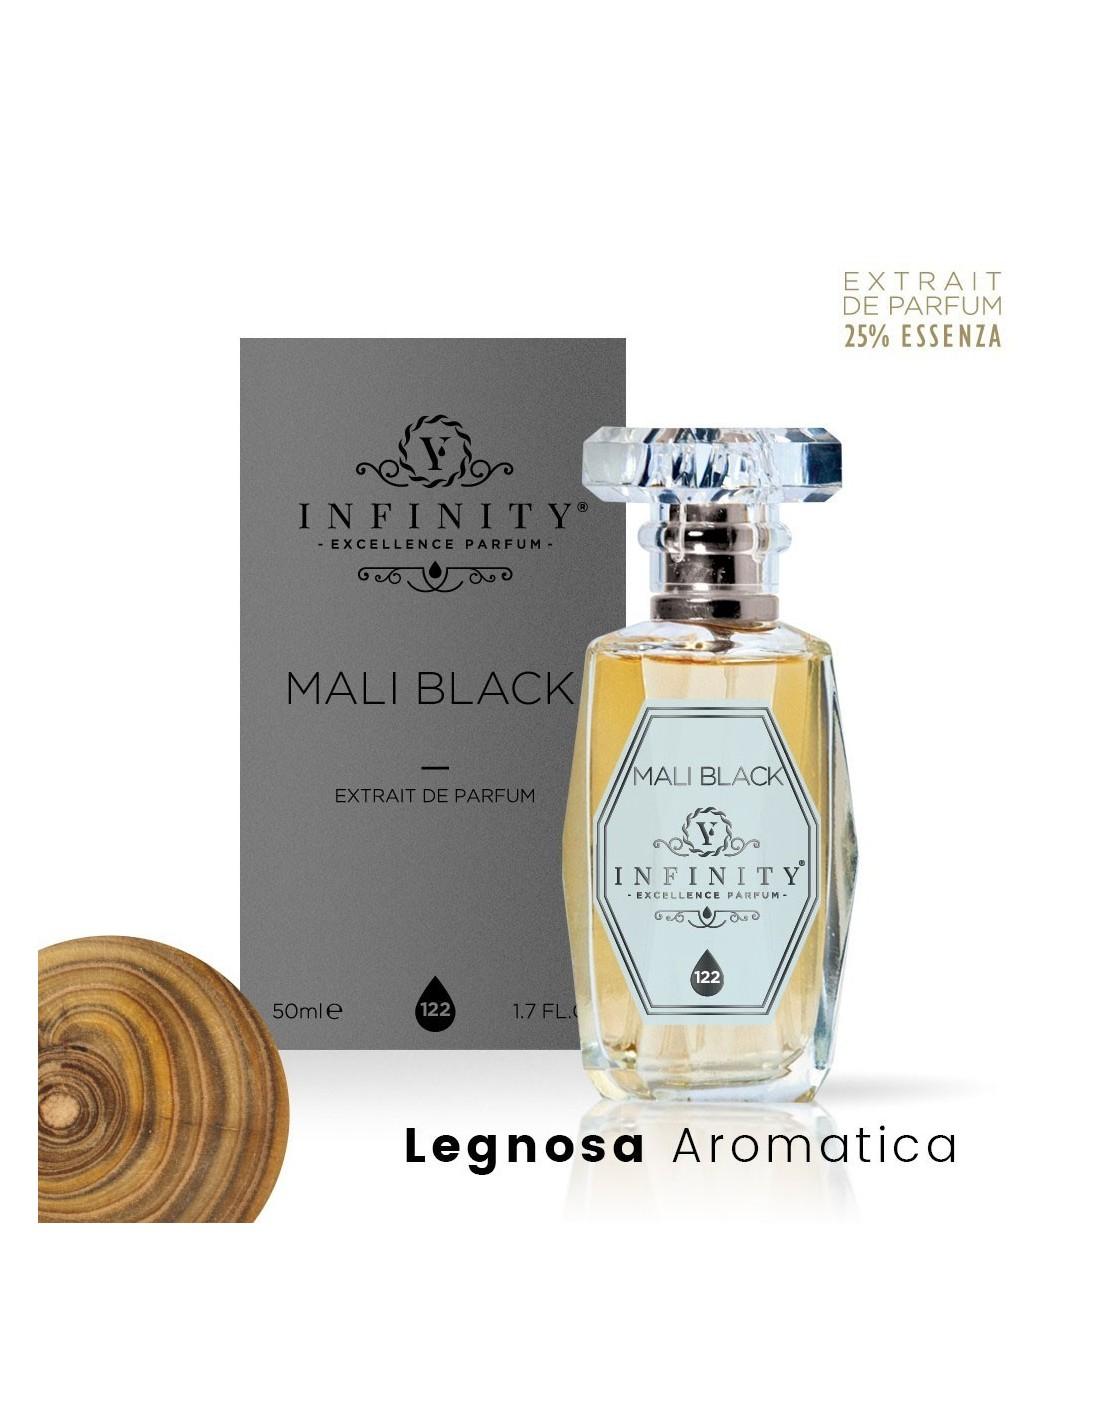 N° 122 - Mali Black